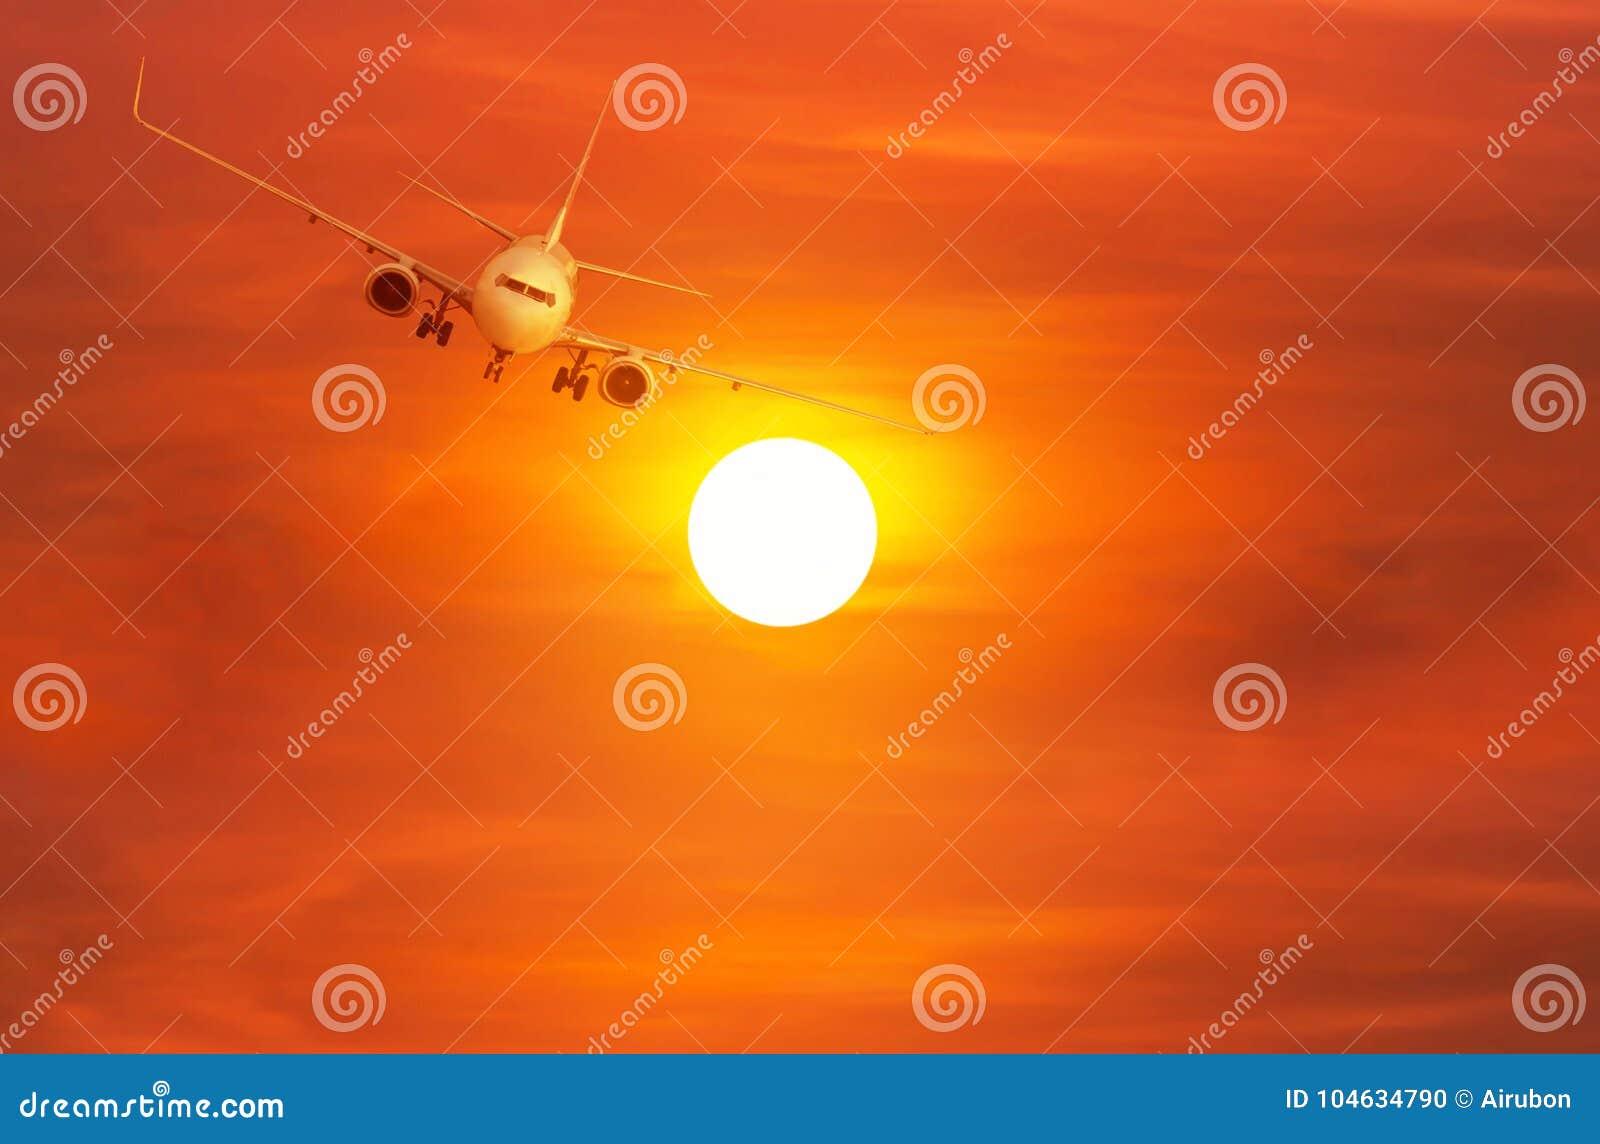 Download Passagiersvliegtuig Die Binnen Aan Exorbitante Hoogte Boven De Zon Tijdens Zonsondergang Wegvliegen Stock Foto - Afbeelding bestaande uit lijn, vliegtuig: 104634790